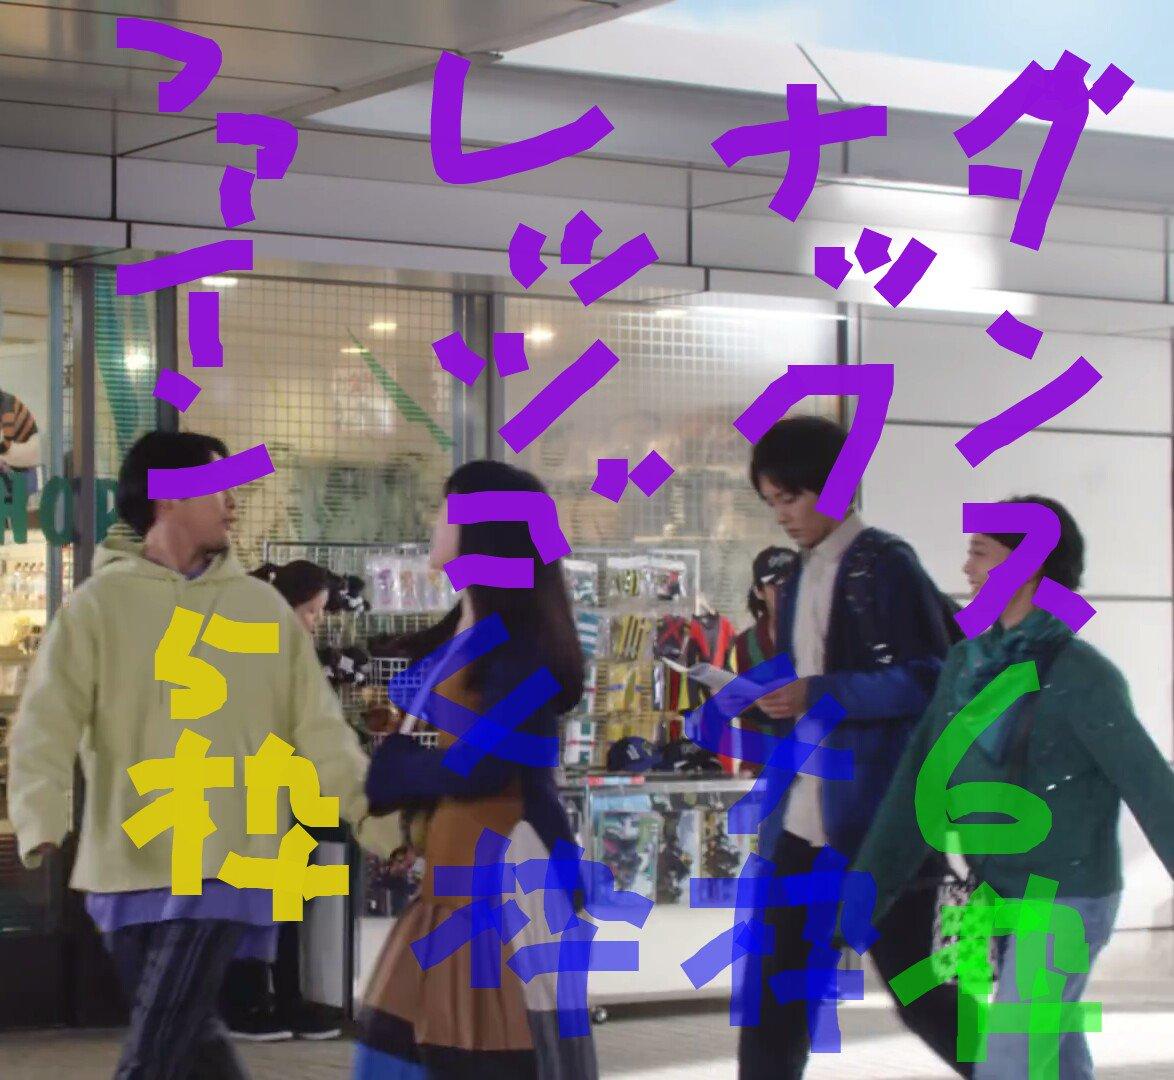 test ツイッターメディア - #競馬#高松宮記念JRAのCMにこんなヒントが!!!知ってたら。。(笑) https://t.co/VDXdYomOO3